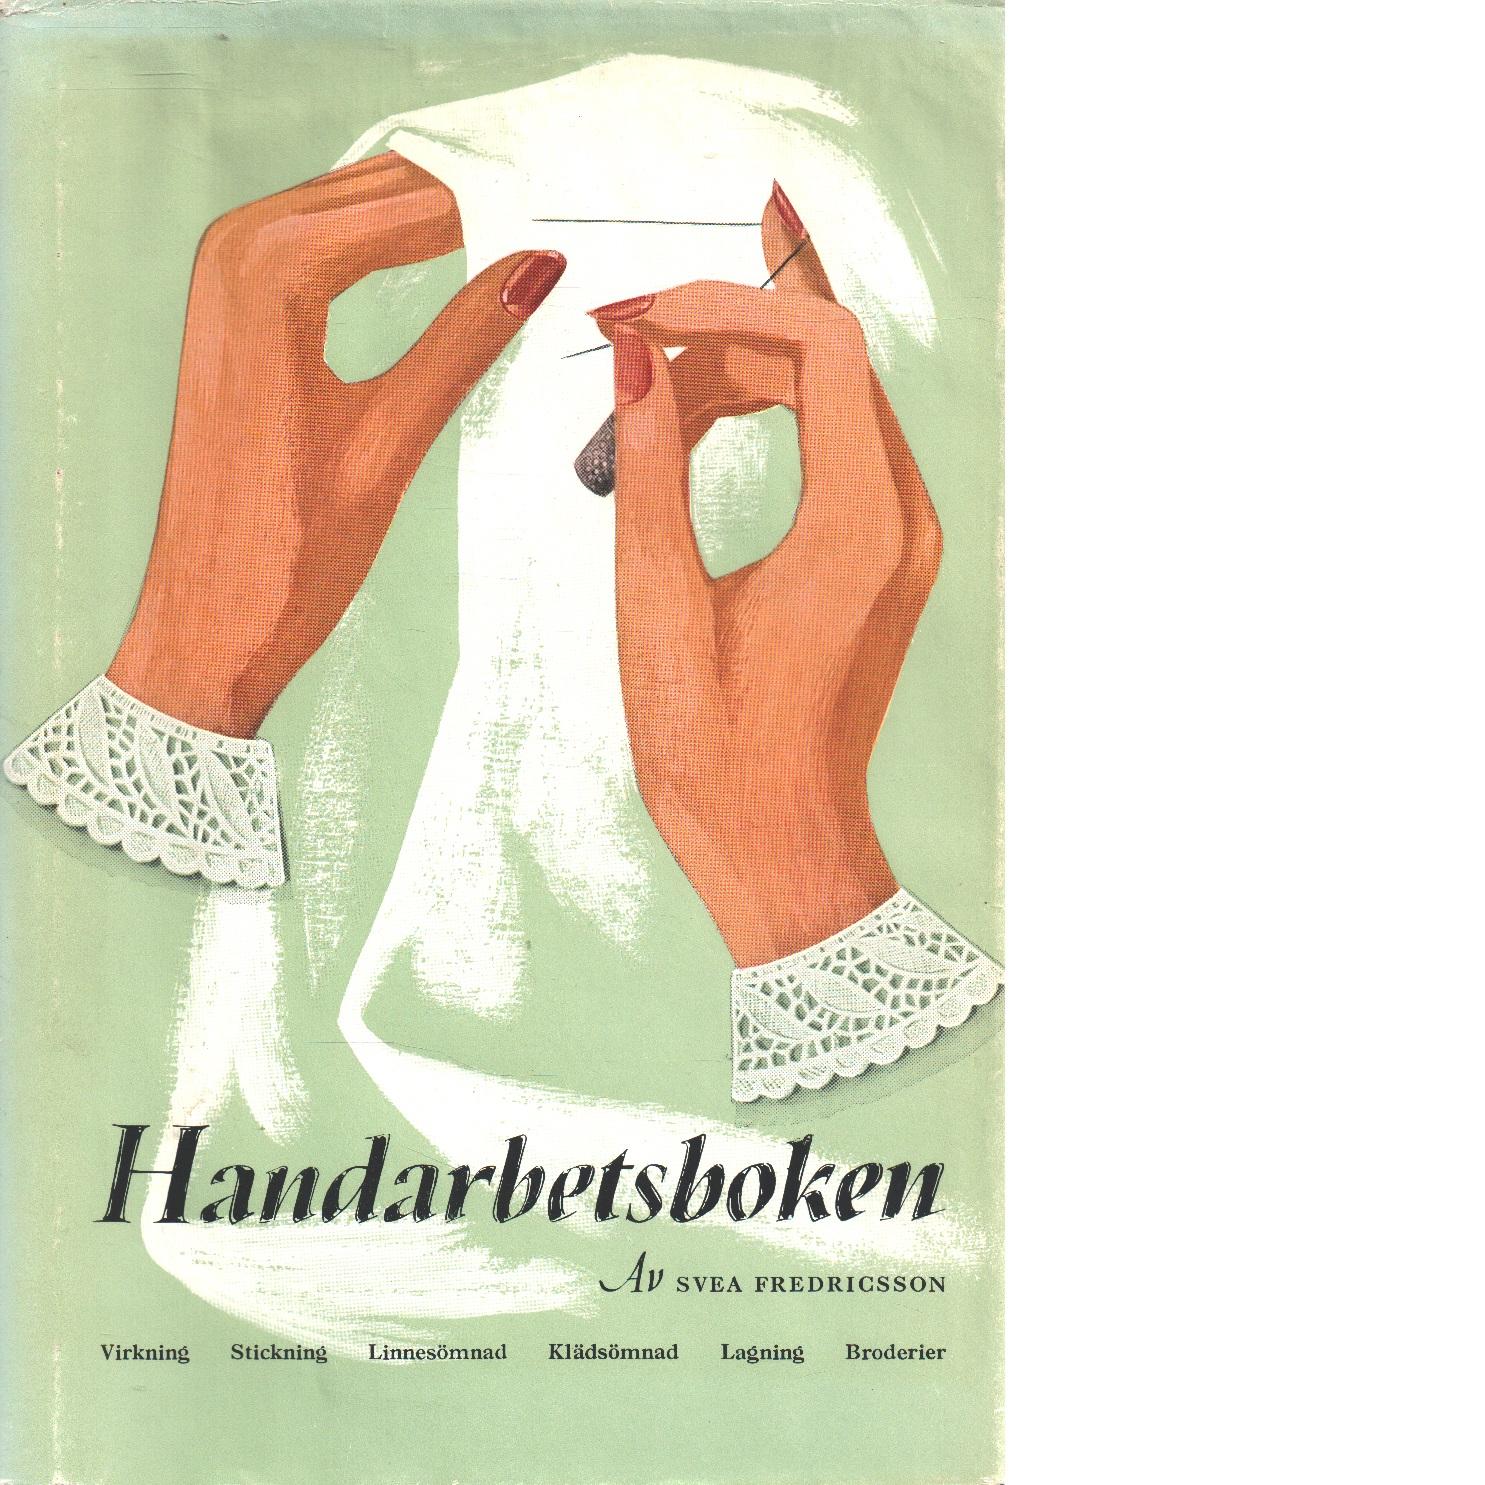 Handarbetsboken - Fredricsson, Svea